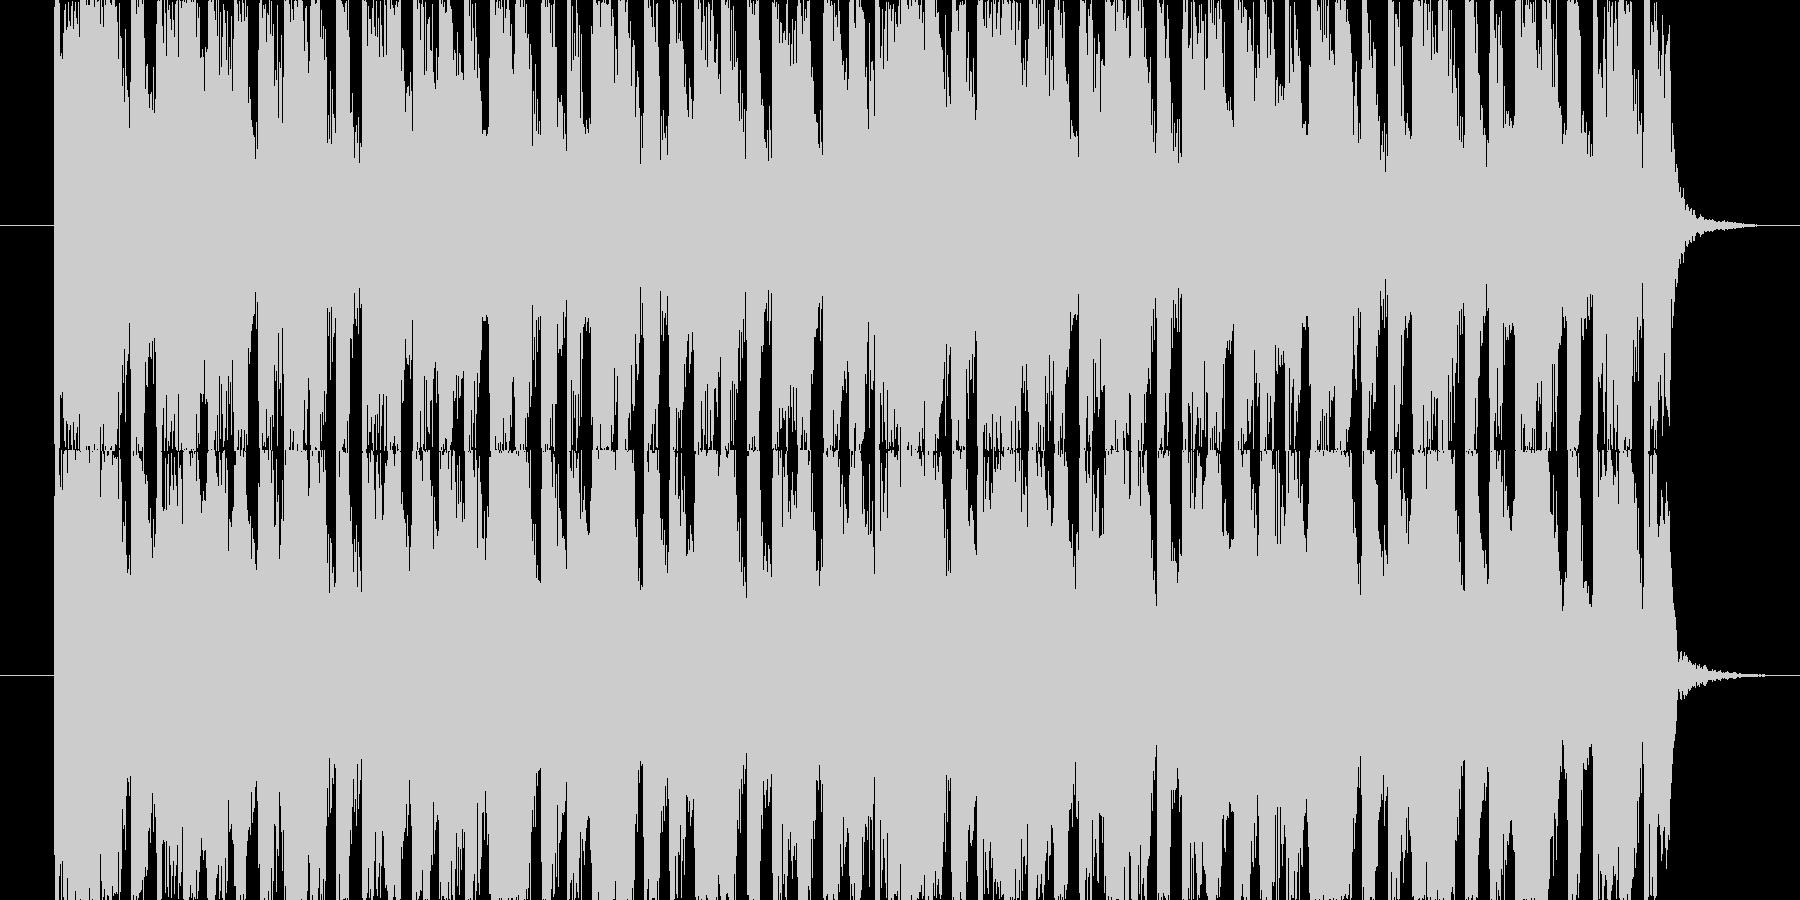 せわしない雰囲気の15秒ジングルの未再生の波形